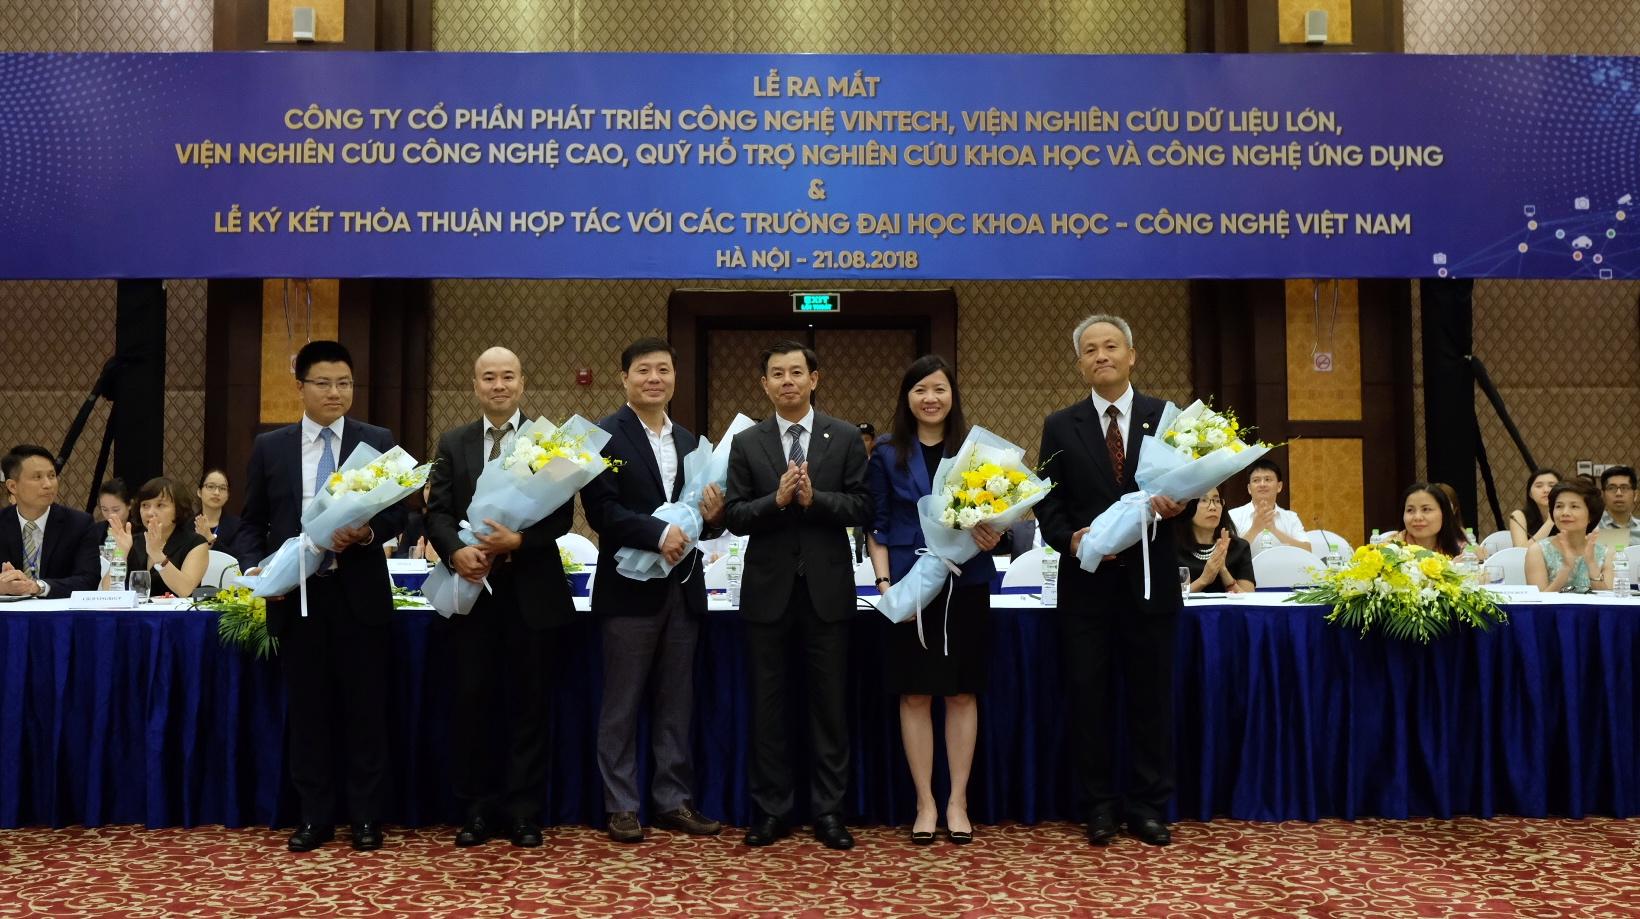 Vietnam's Vingroup announces ambitious plan to become tech corporation